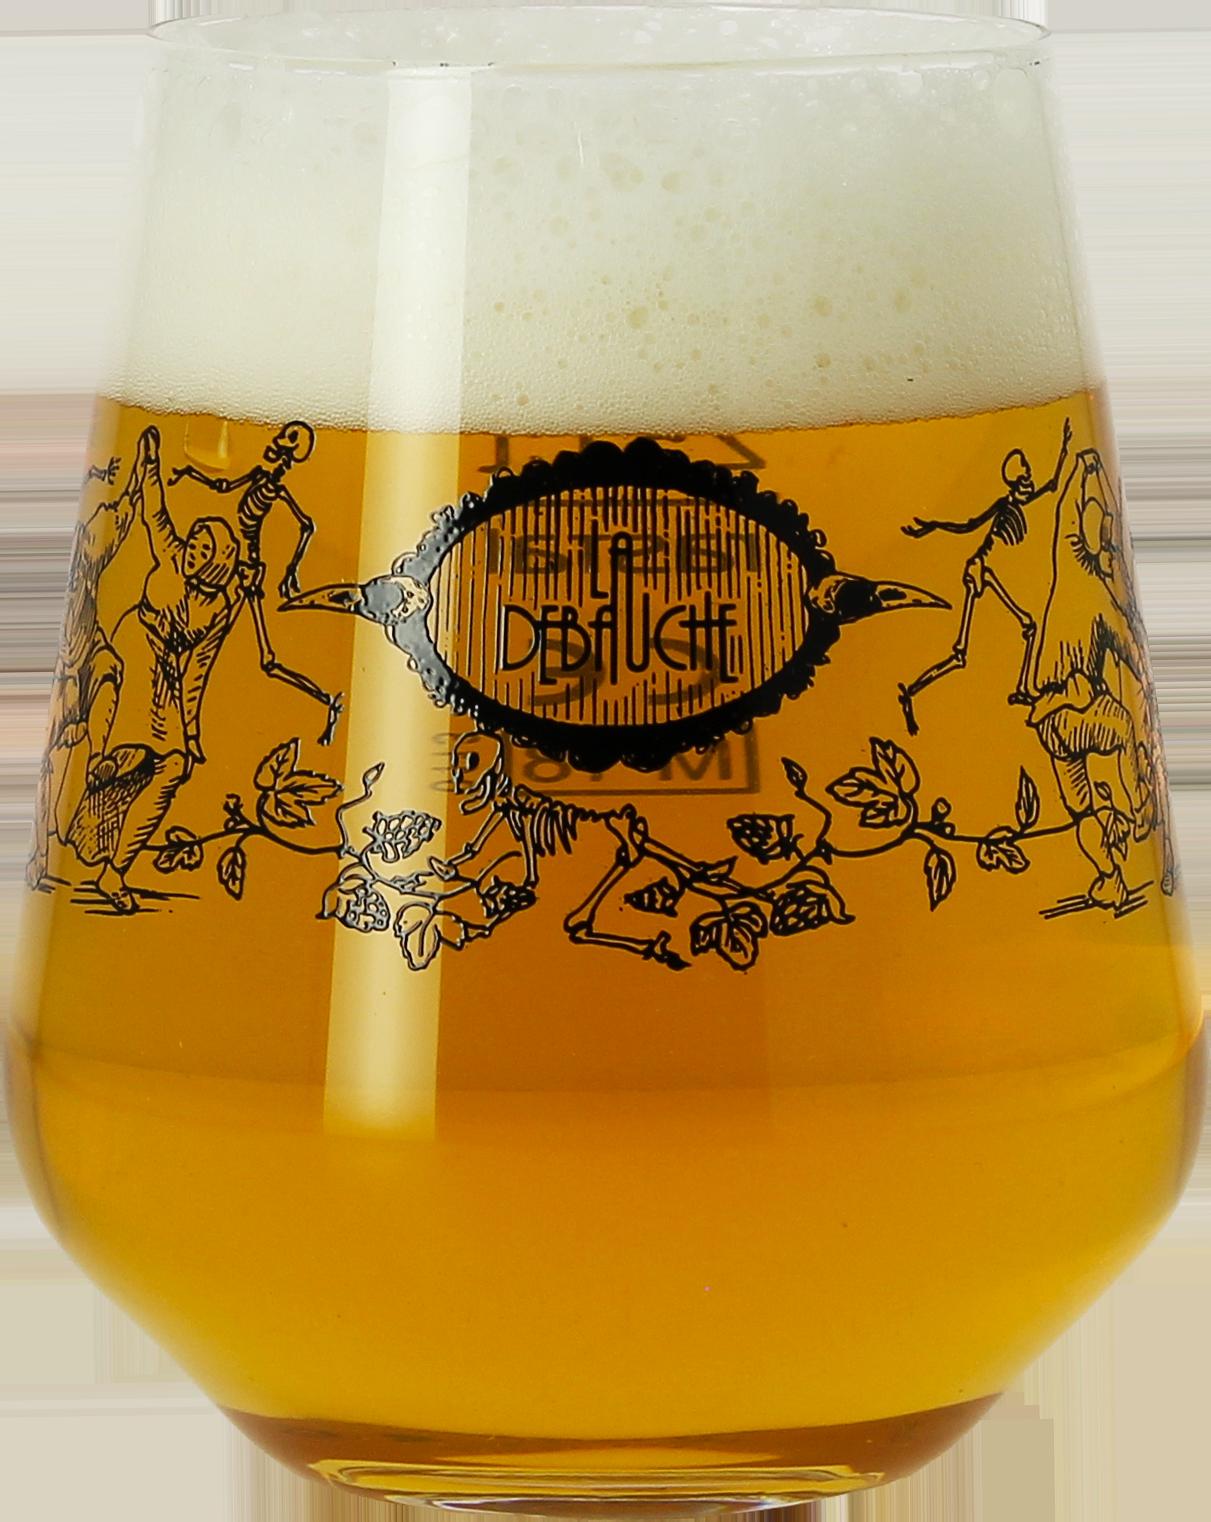 La Débauche vaso cerveza - 25 cl